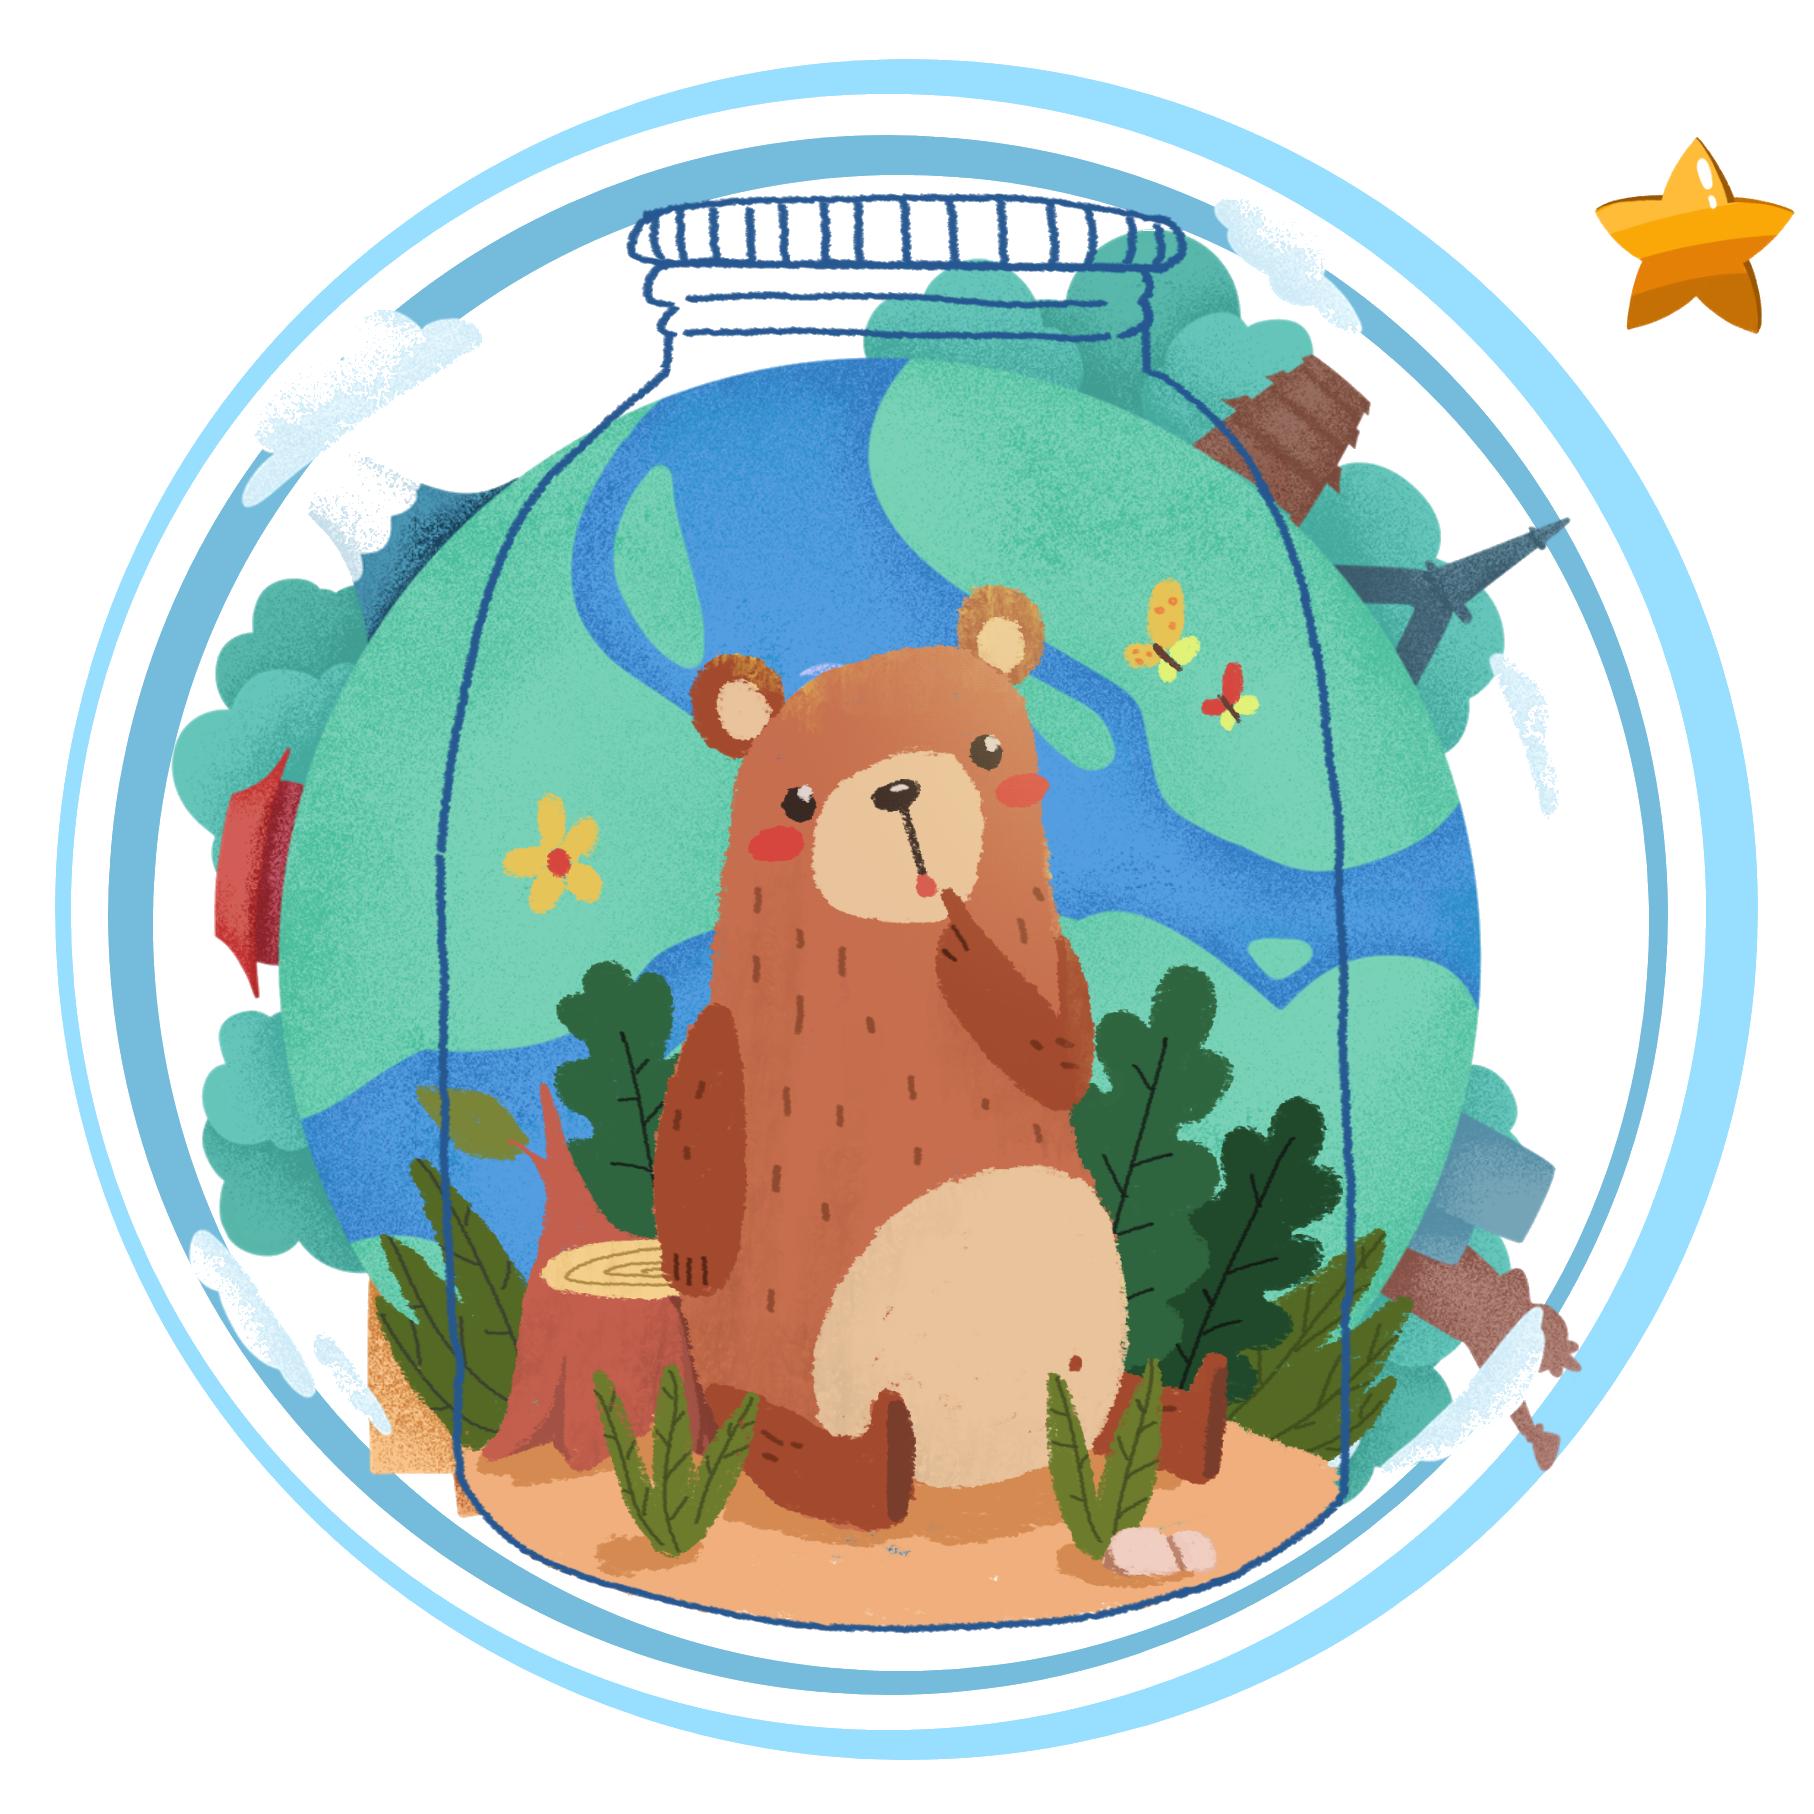 小熊当家 | Once Upon A Bear